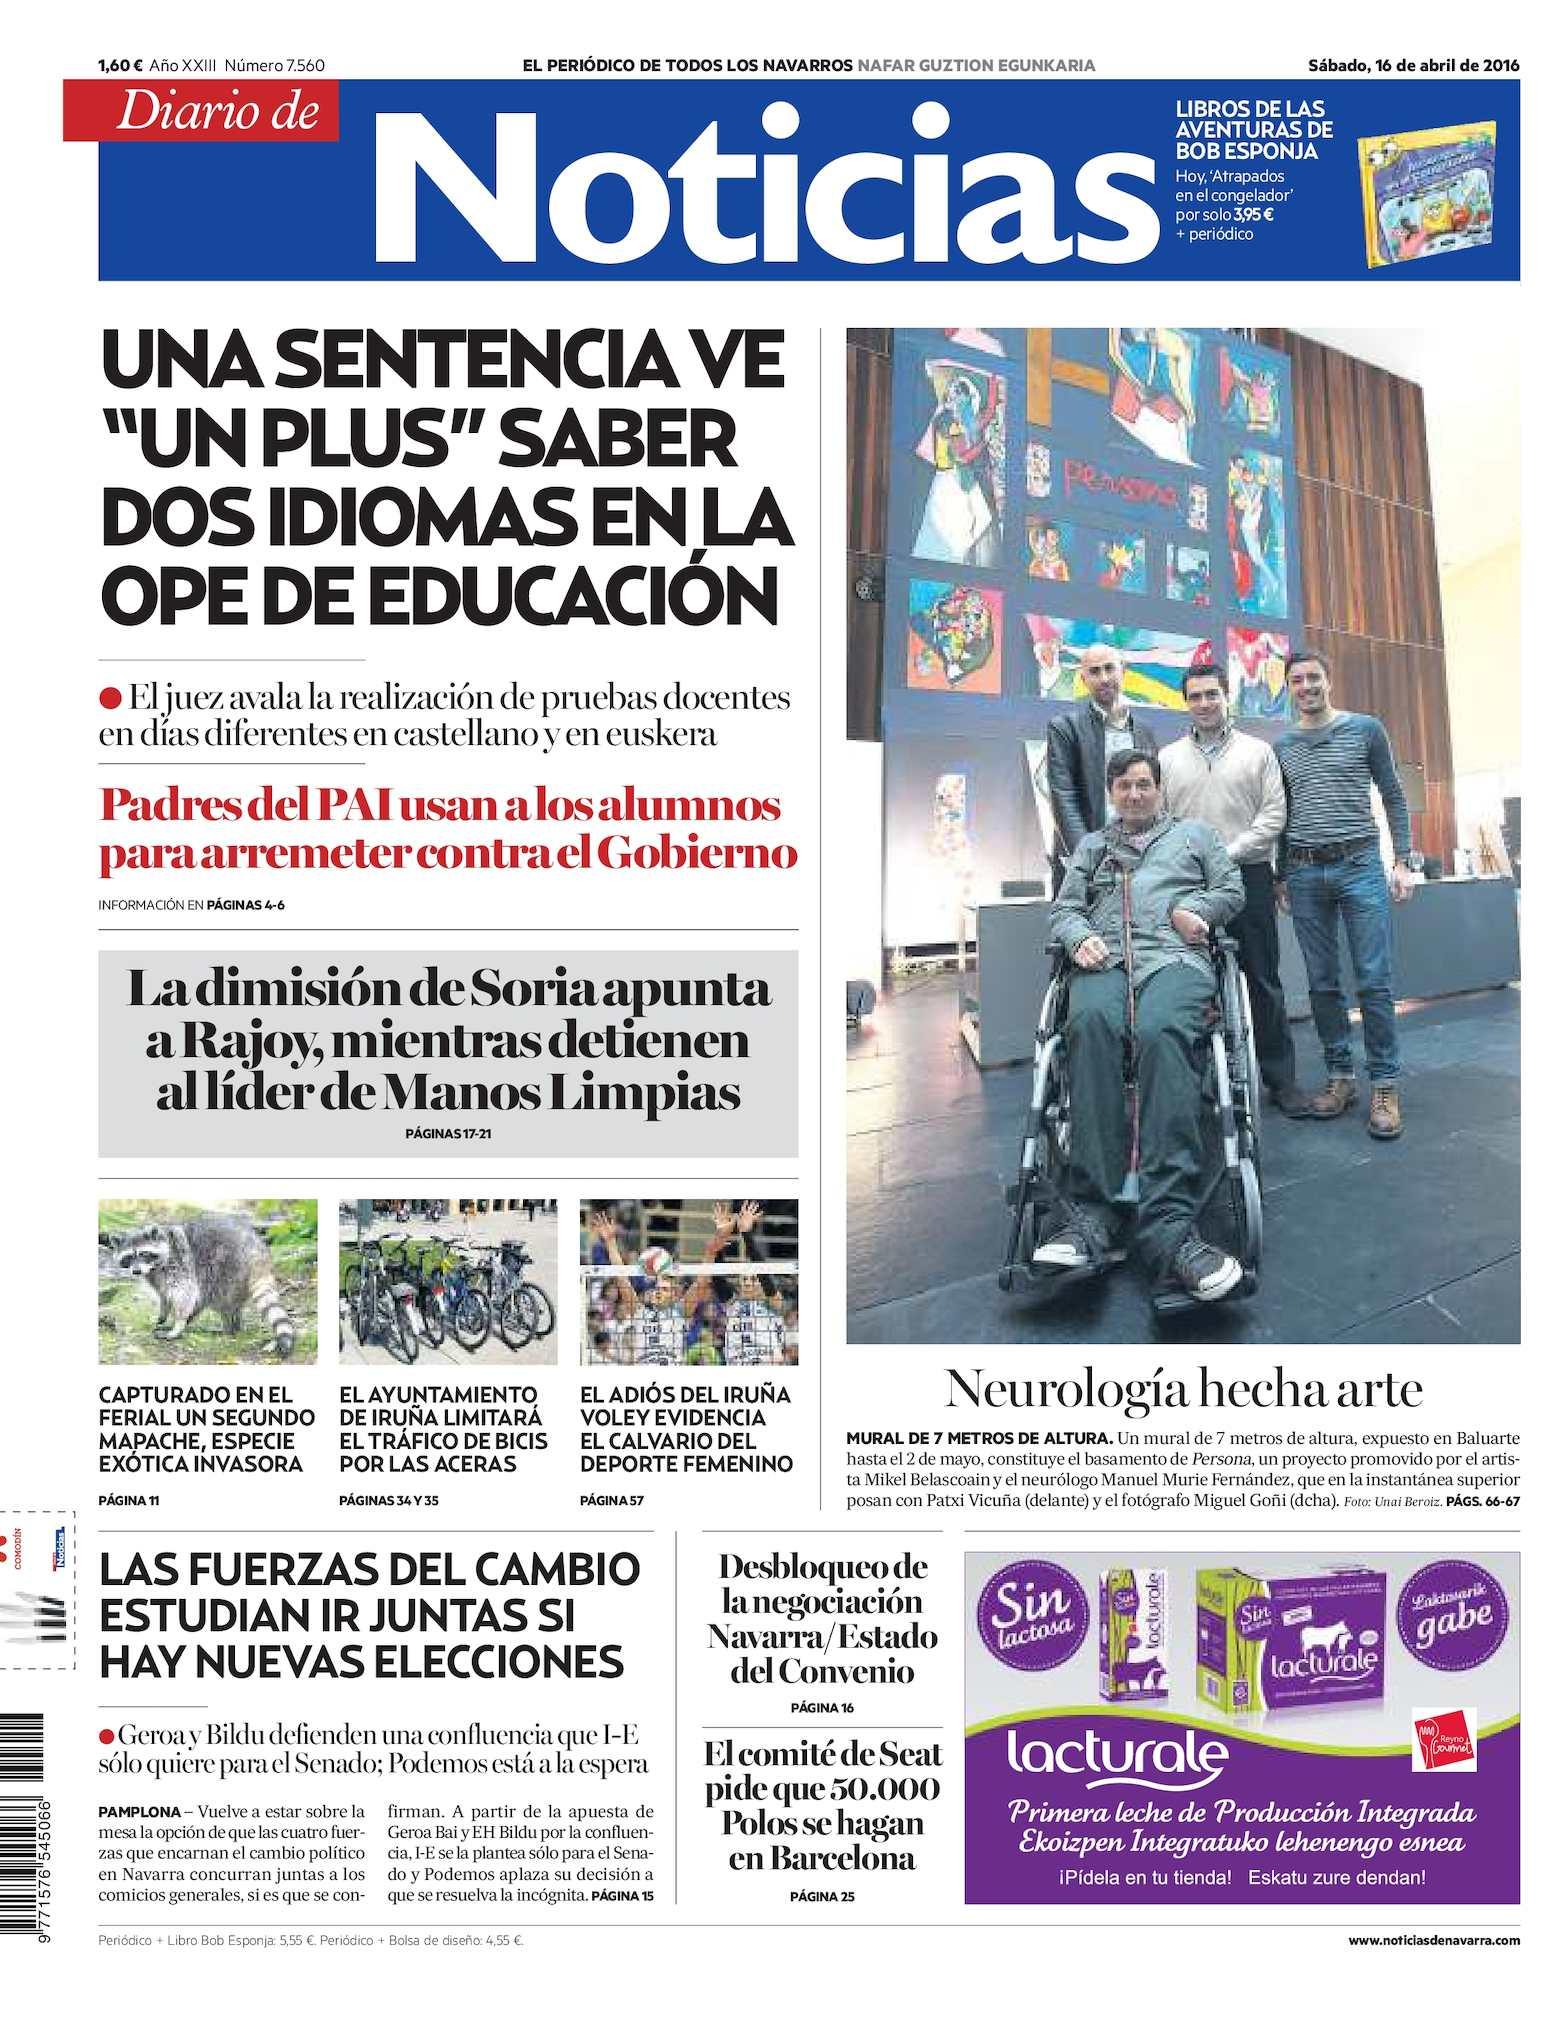 Calaméo - Diario de Noticias 20160416 dca6ca6e71